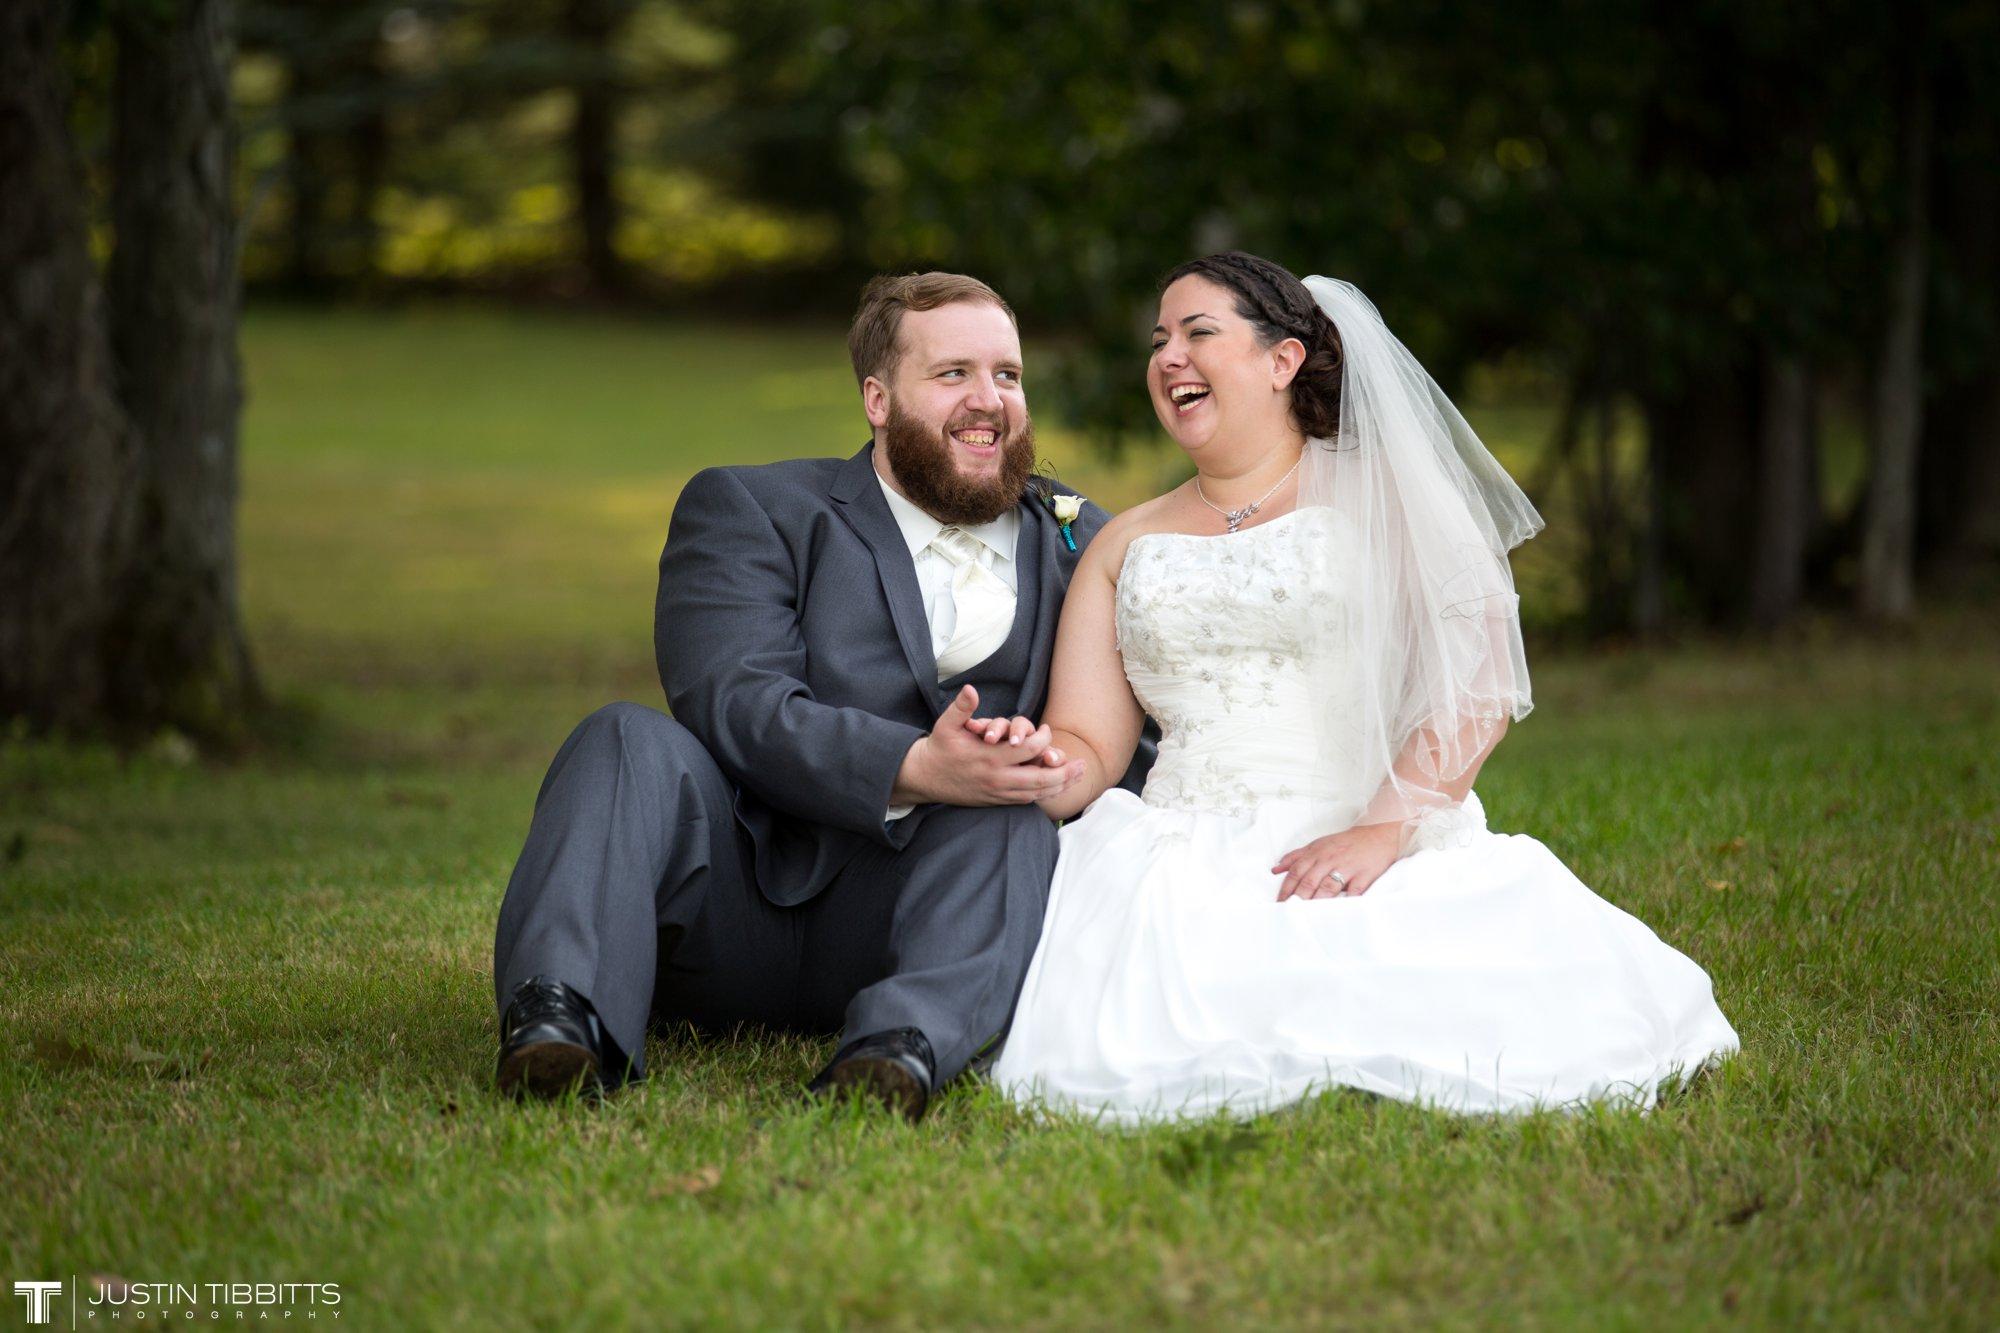 Albany NY Wedding Photographer Justin Tibbitts Photography 2014 Best of Albany NY Weddings-143120144